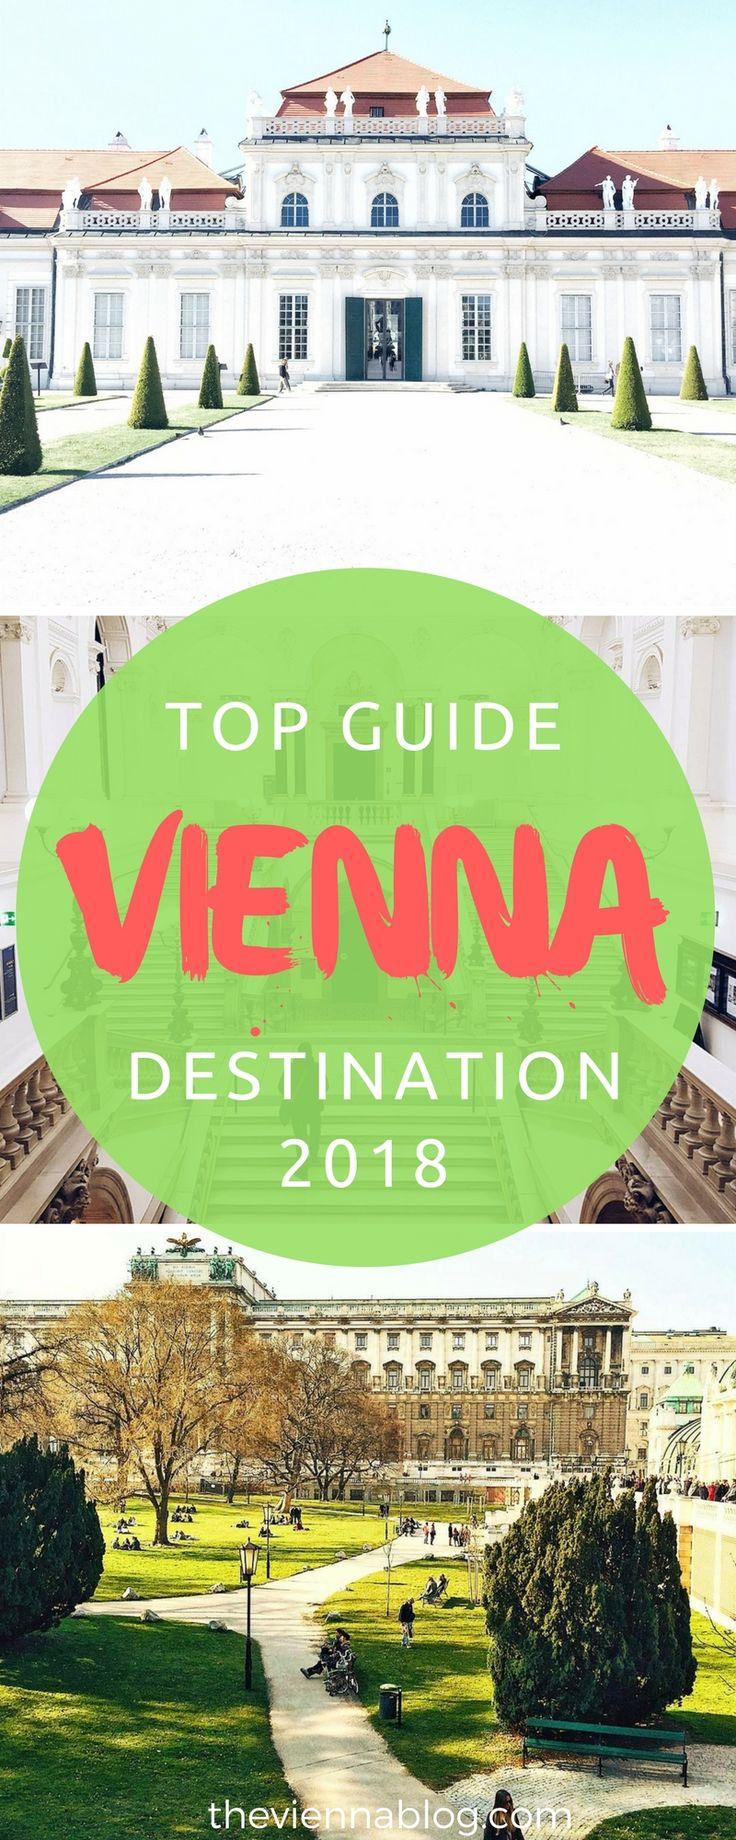 VIENNA TRAVEL GUIDE & TIPS 2018 , Vienna Top things to do and #vienna #Wien #Austria #photography #Opera #vienne #österreich #travleguide #guide #placestovisit #beautifuldestinations #theviennablog #gregsideris #photography #city #hotels #restaurants #urban #destinationguide #traveltips #travelinspiration #vacation #holiday #reisen #Natgeotravel #Traveltheworld #bucketlists #luxurytravel #travellife #traveladdict #europe #wanderlust